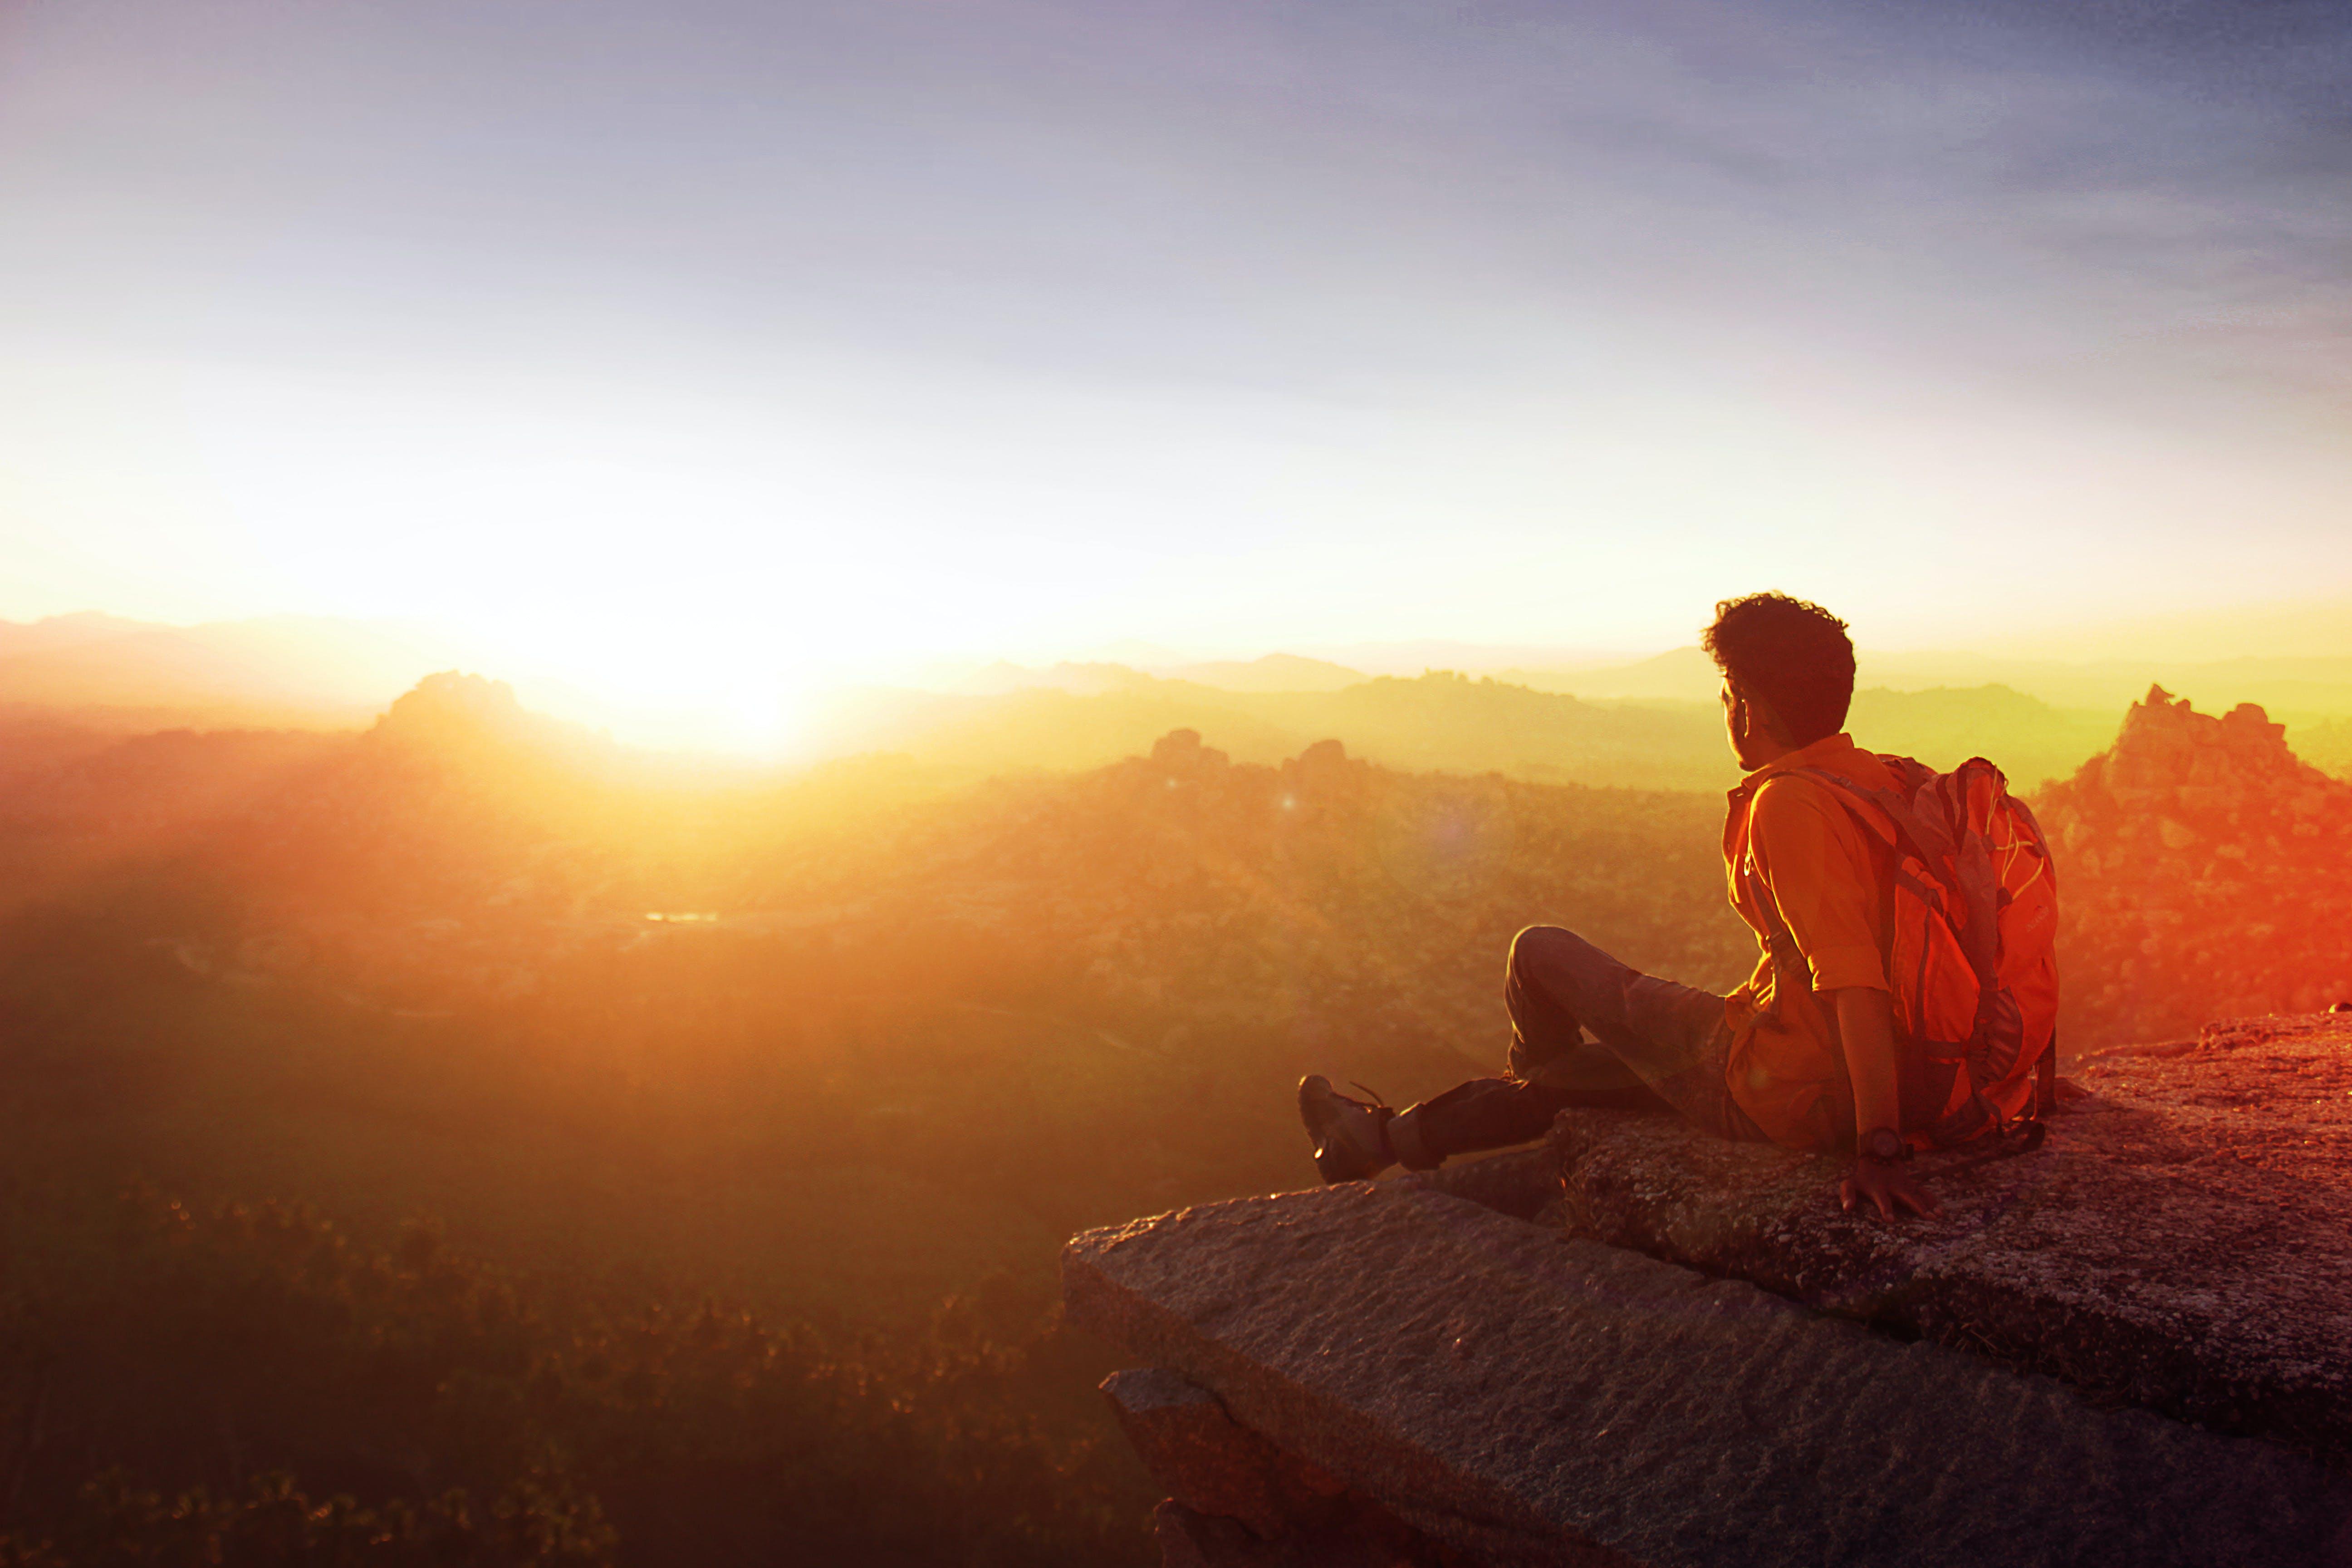 Mann schaut sich Sonnenuntergang an | Quelle: Pexels